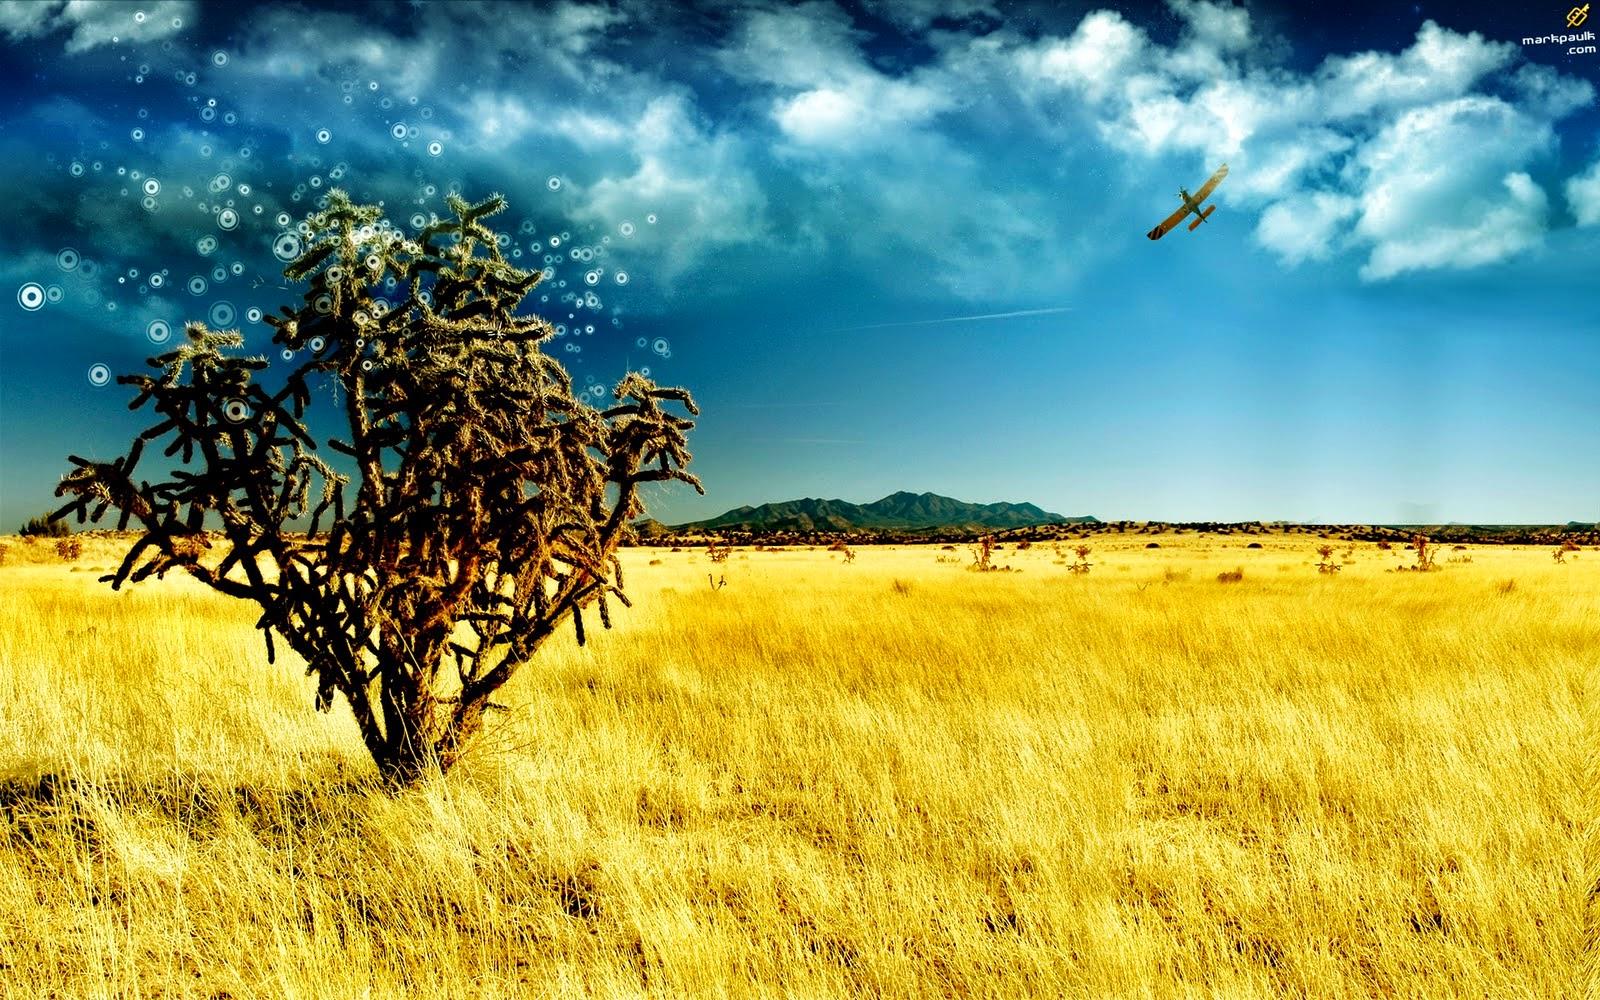 wallpaper keren untuk desktop pc anda wallpaper gallery